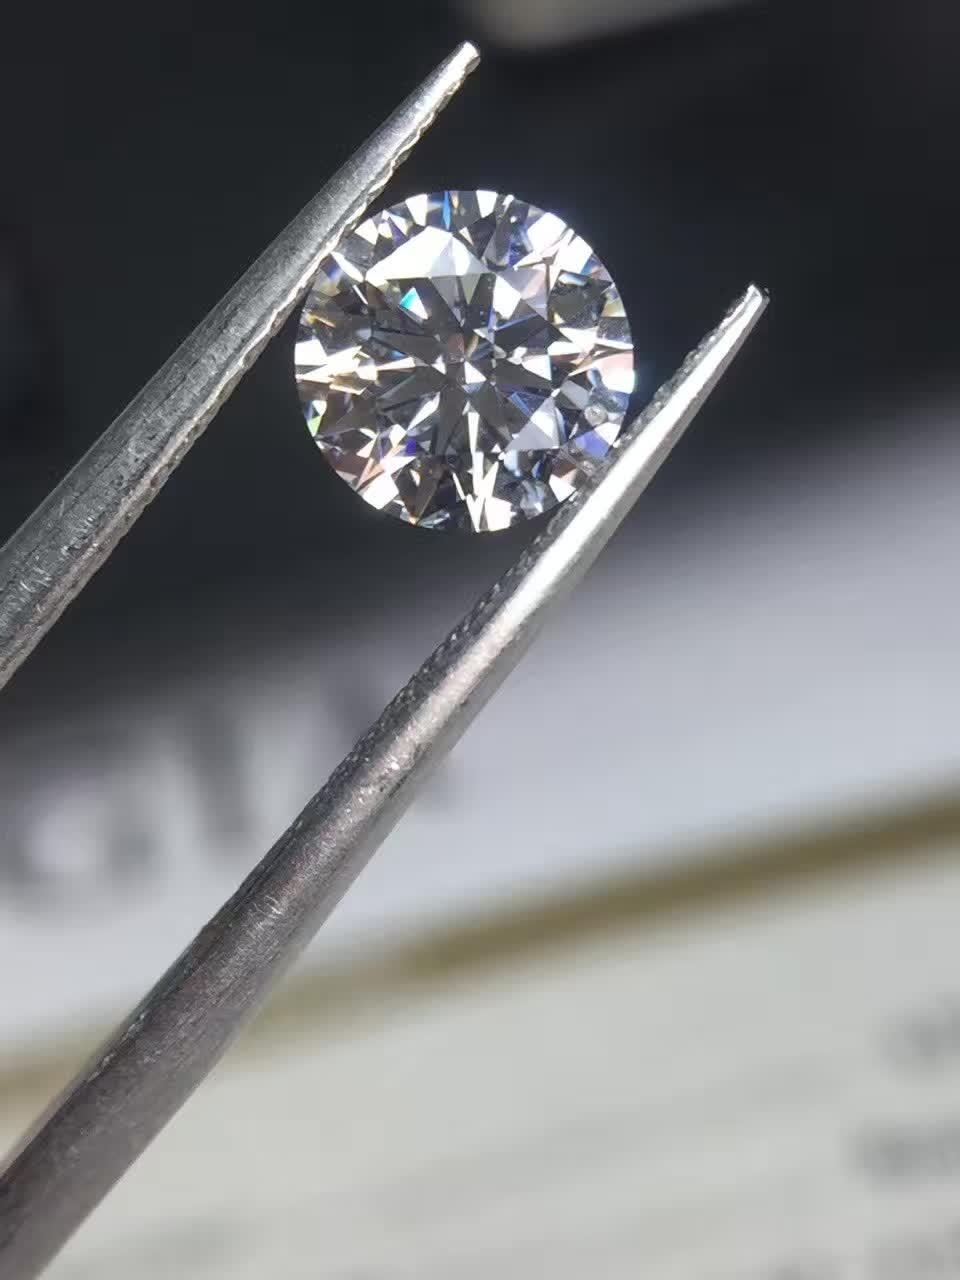 Industrial Diamond Jewelry